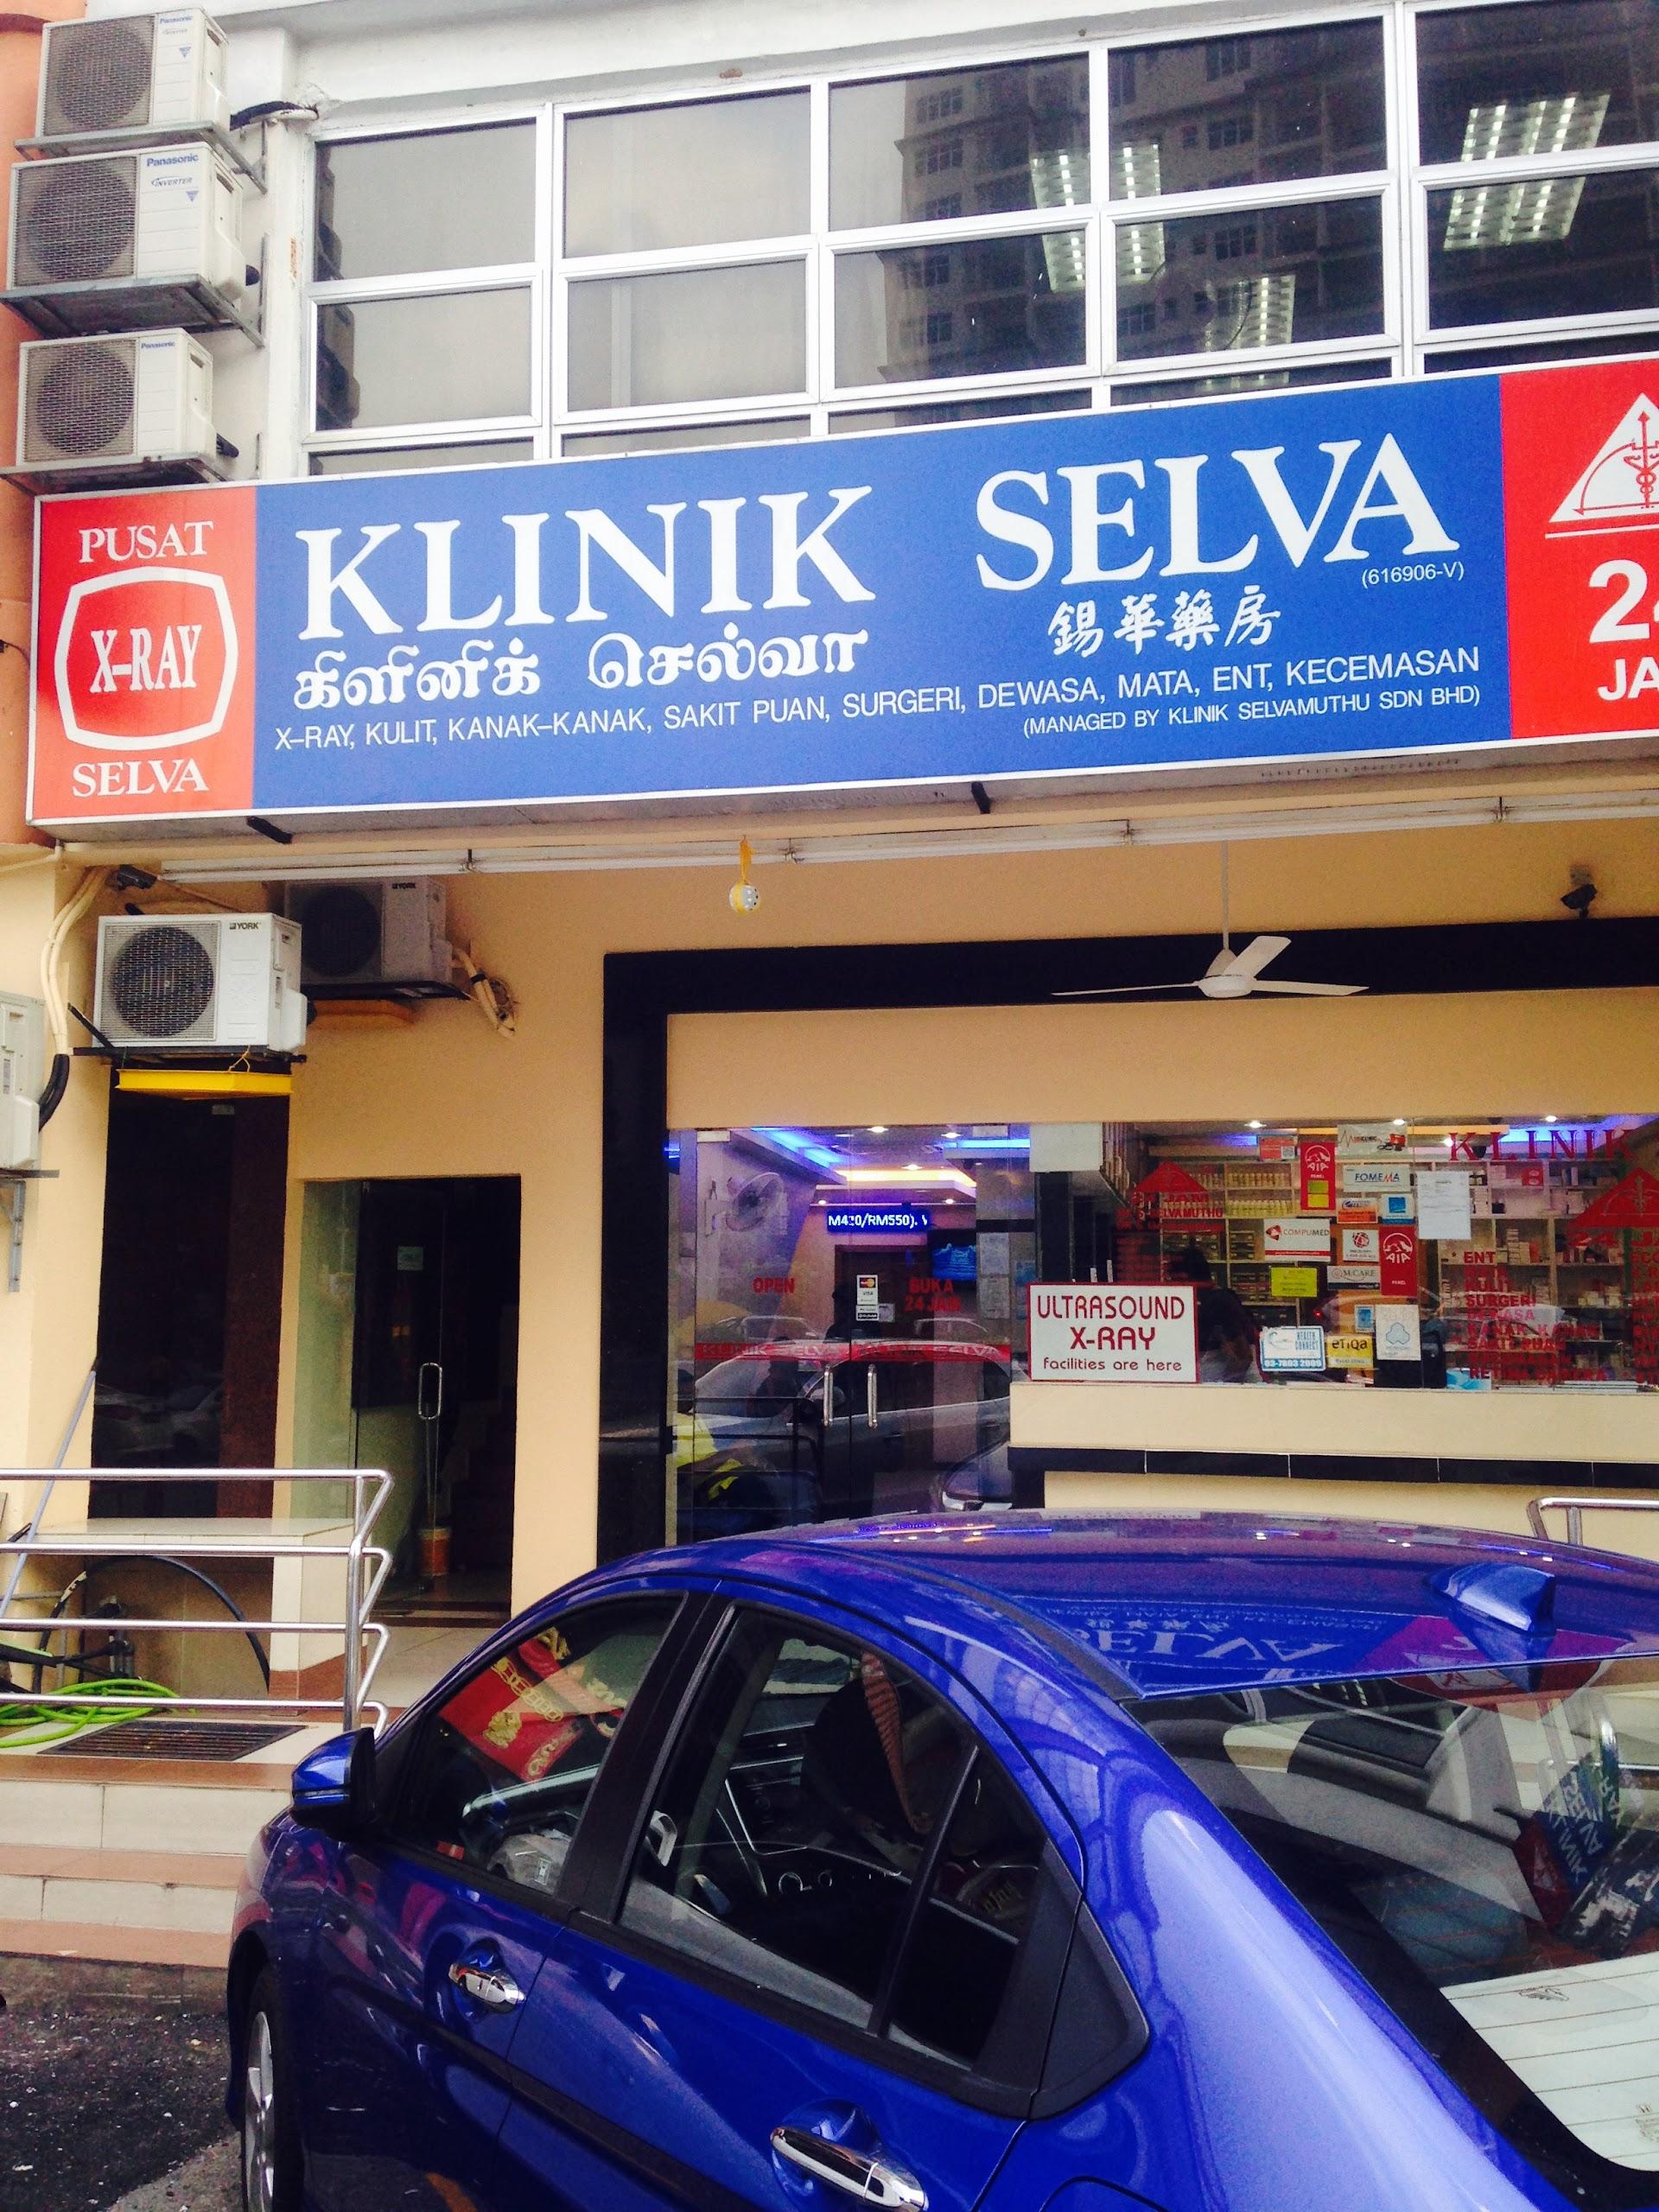 2d 3d 4d Hd 5d Scan Ultrasound In Malaysia List Puchong Jaya Selangor Klinik Selva